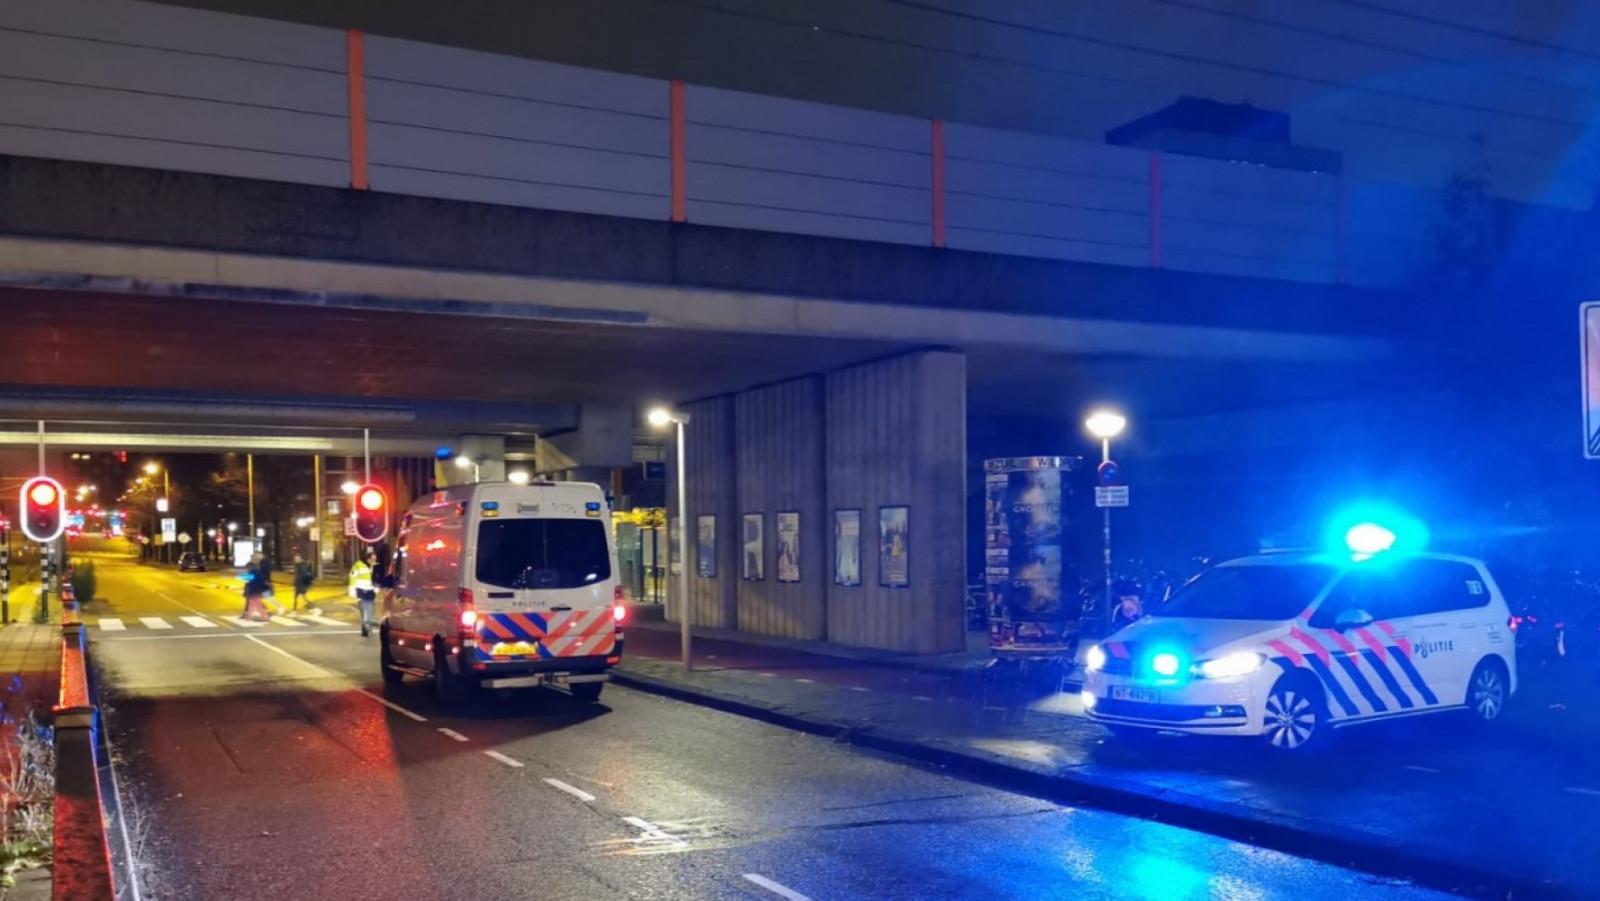 Voetganger gewond bij aanrijding met auto in Amsterdam.